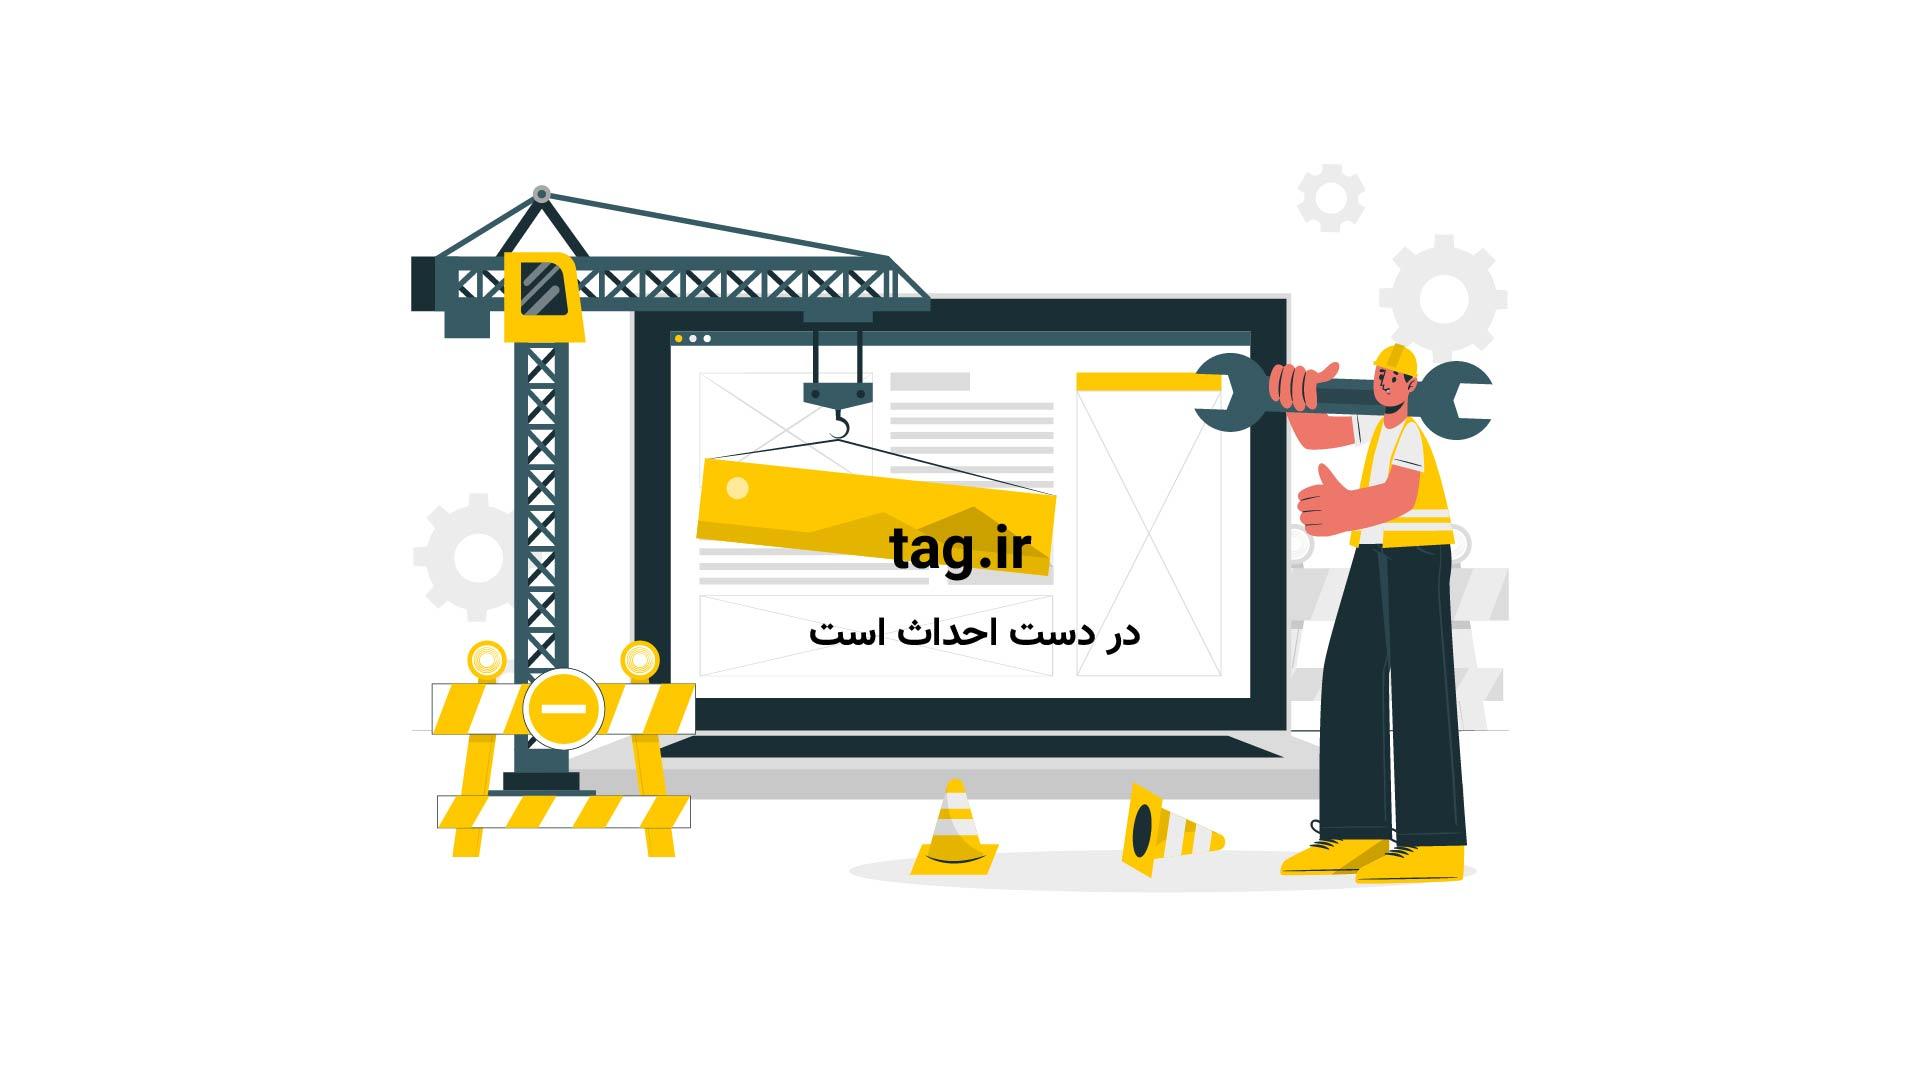 تایم لپس کهکشان راه شیری | تگ